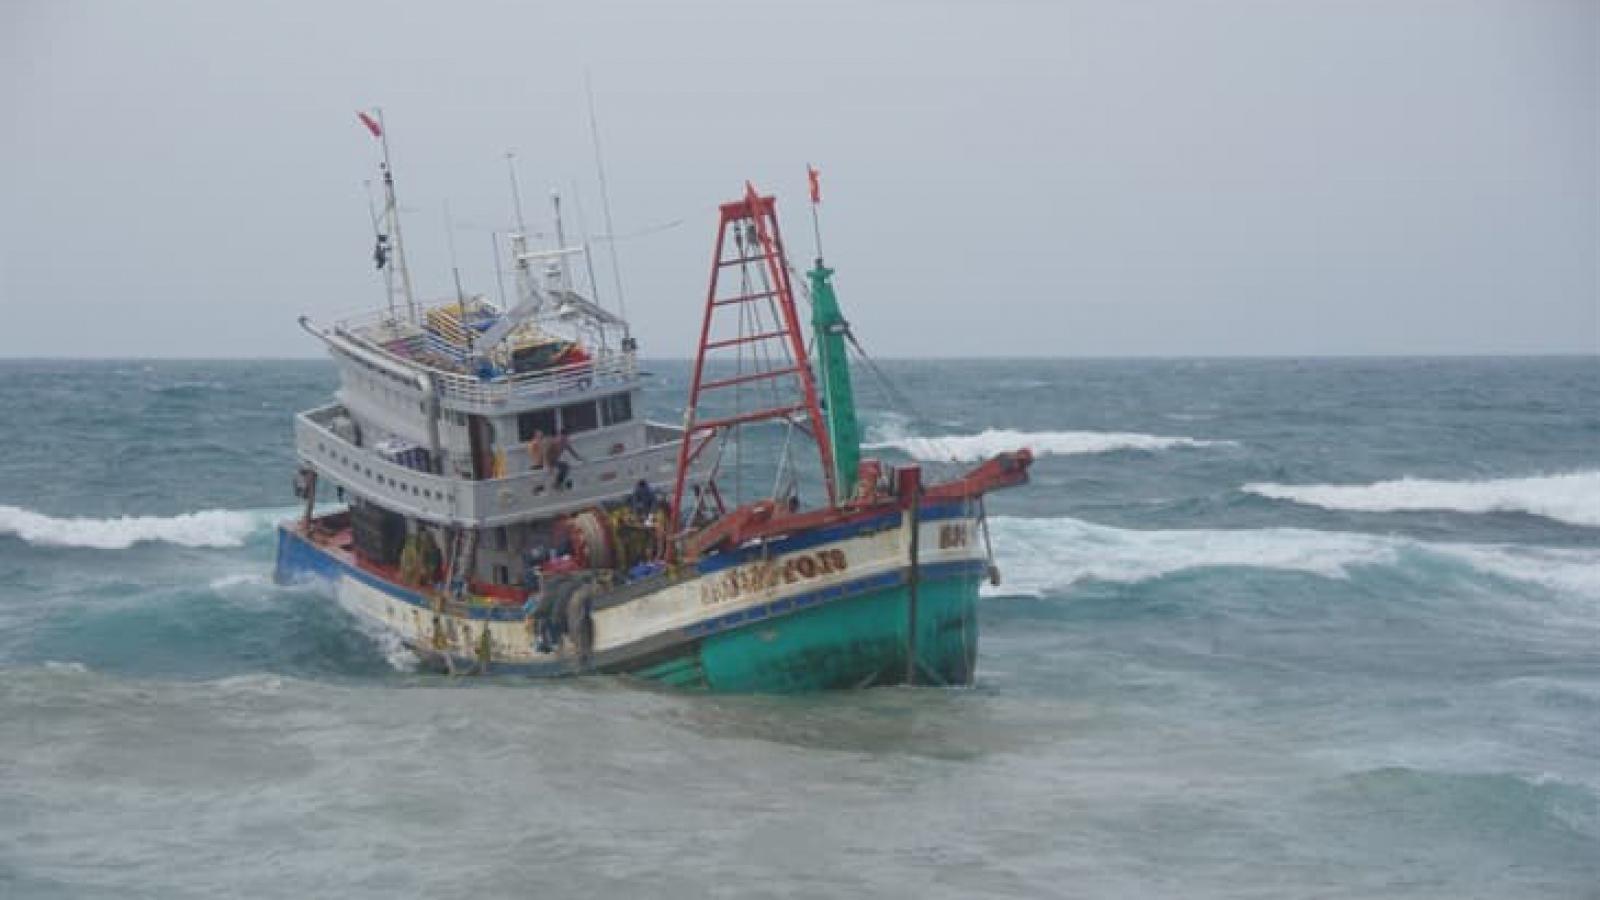 Cứu hộ 19 thuyền viên tàu cá Kiên Giang gặp nạn ở Bạch Long Vỹ